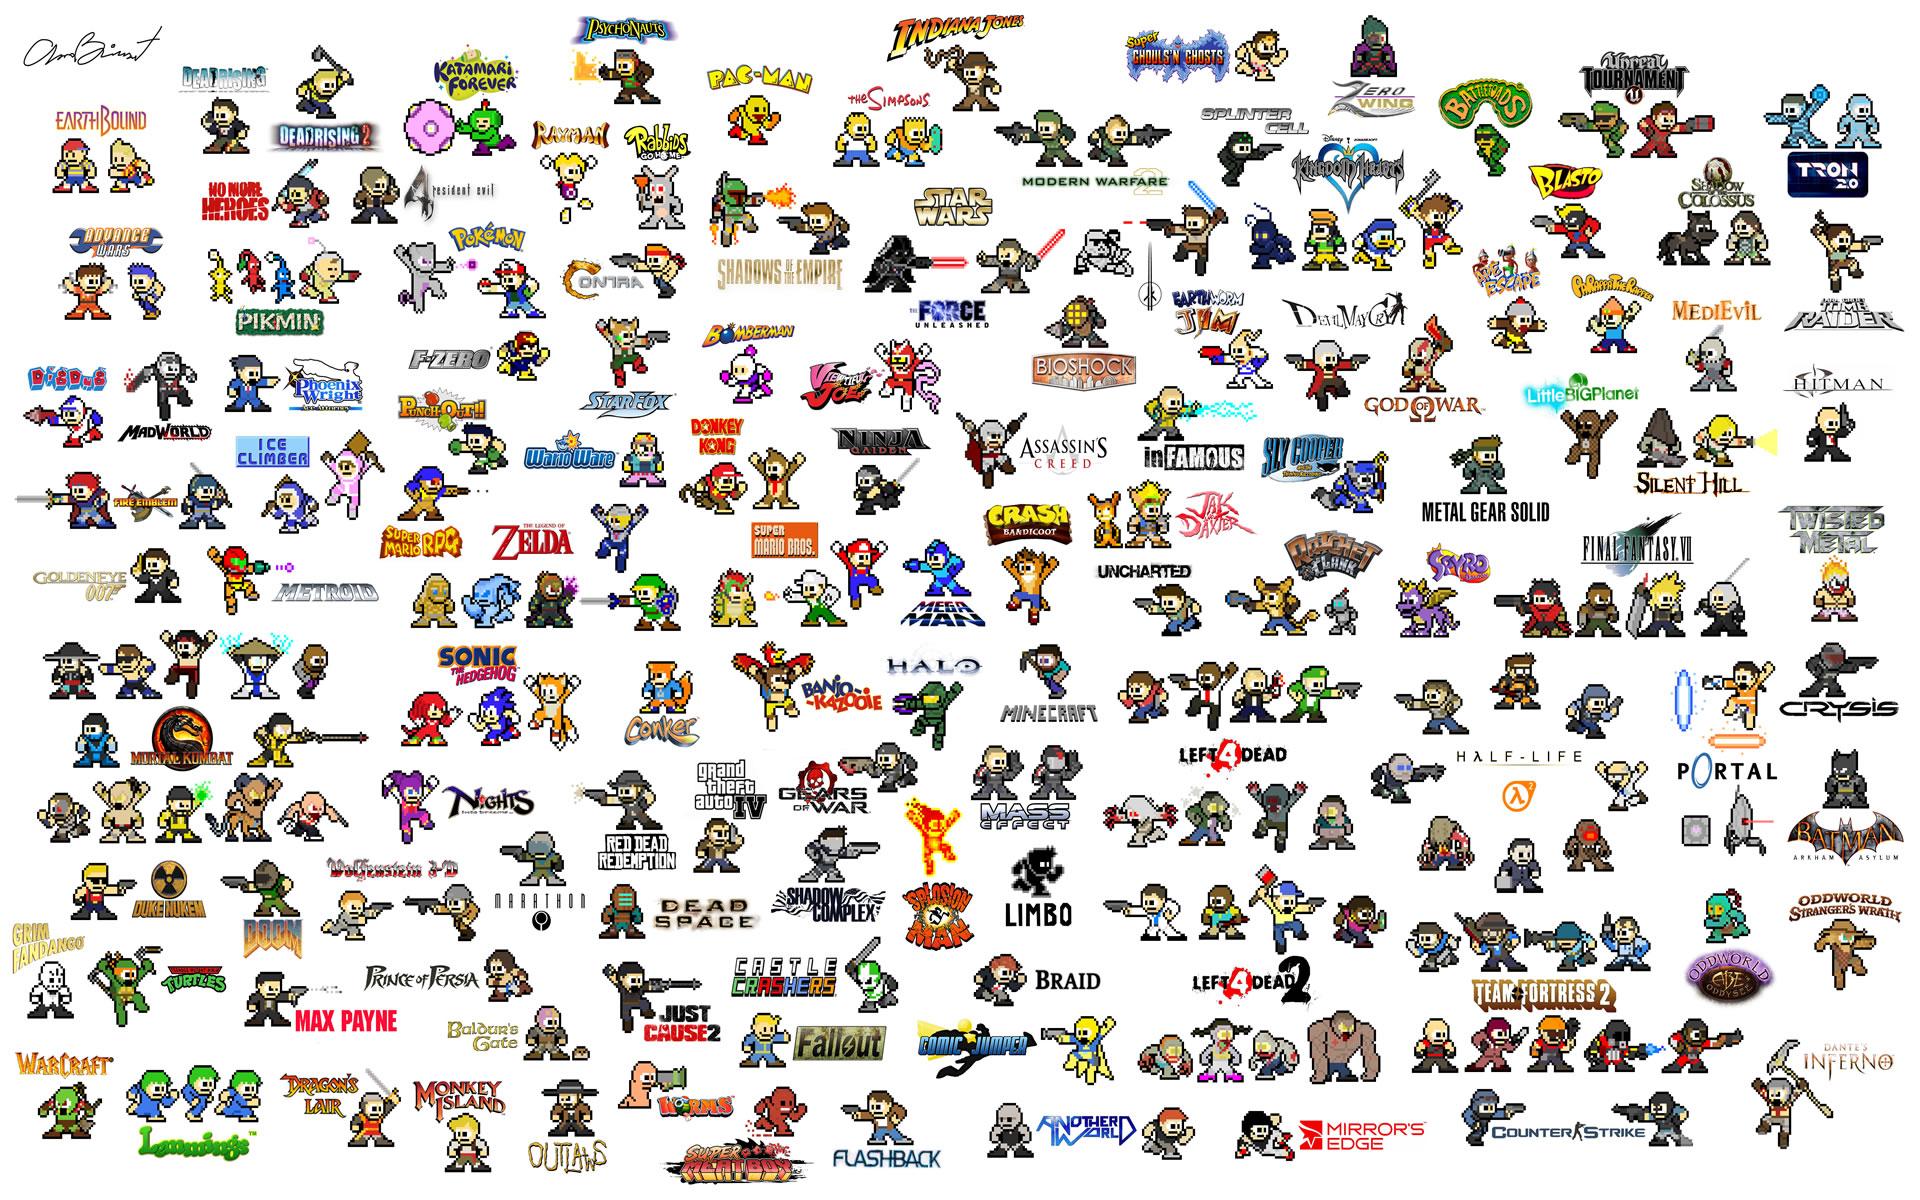 Héroes de Videojuegos Pixelados